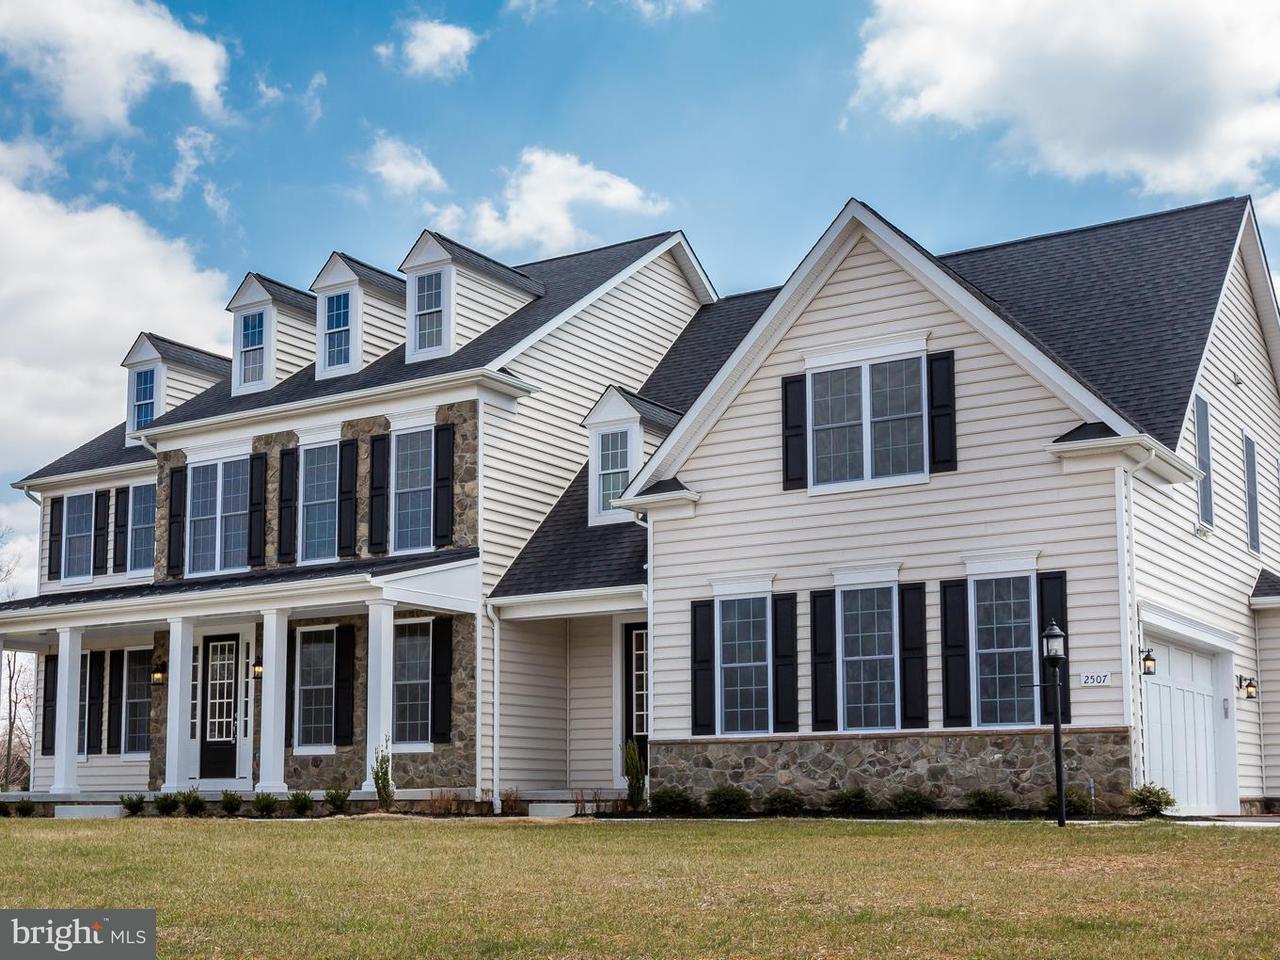 Частный односемейный дом для того Продажа на 2507 Deer Meadow Court 2507 Deer Meadow Court Reisterstown, Мэриленд 21136 Соединенные Штаты